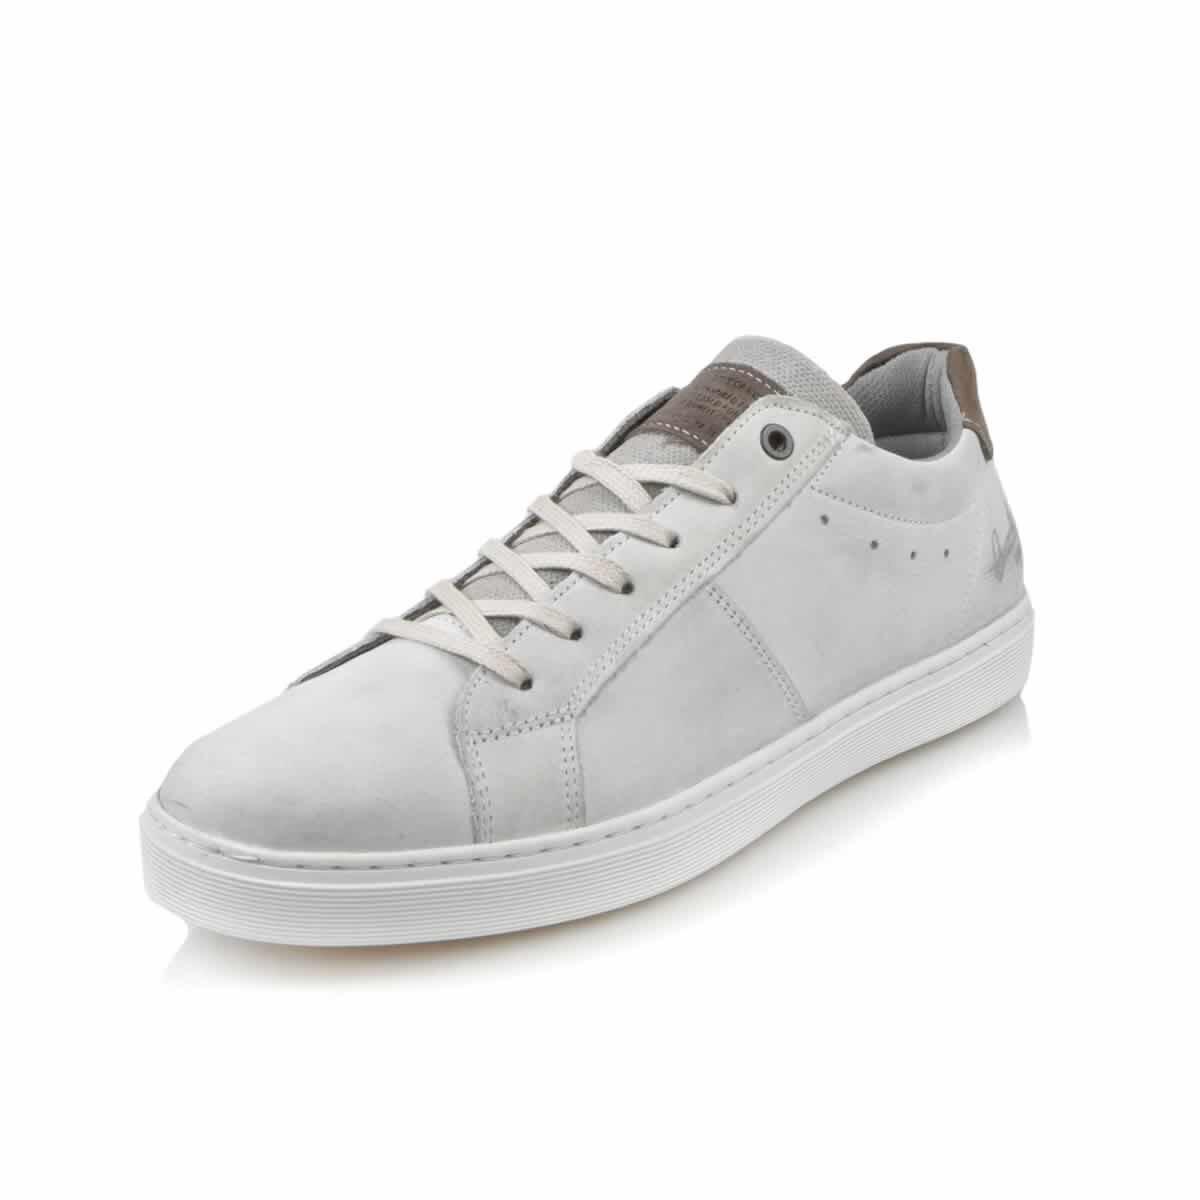 BEYAZ Erkek Oxford Ayakkabı 2BLBM2016027